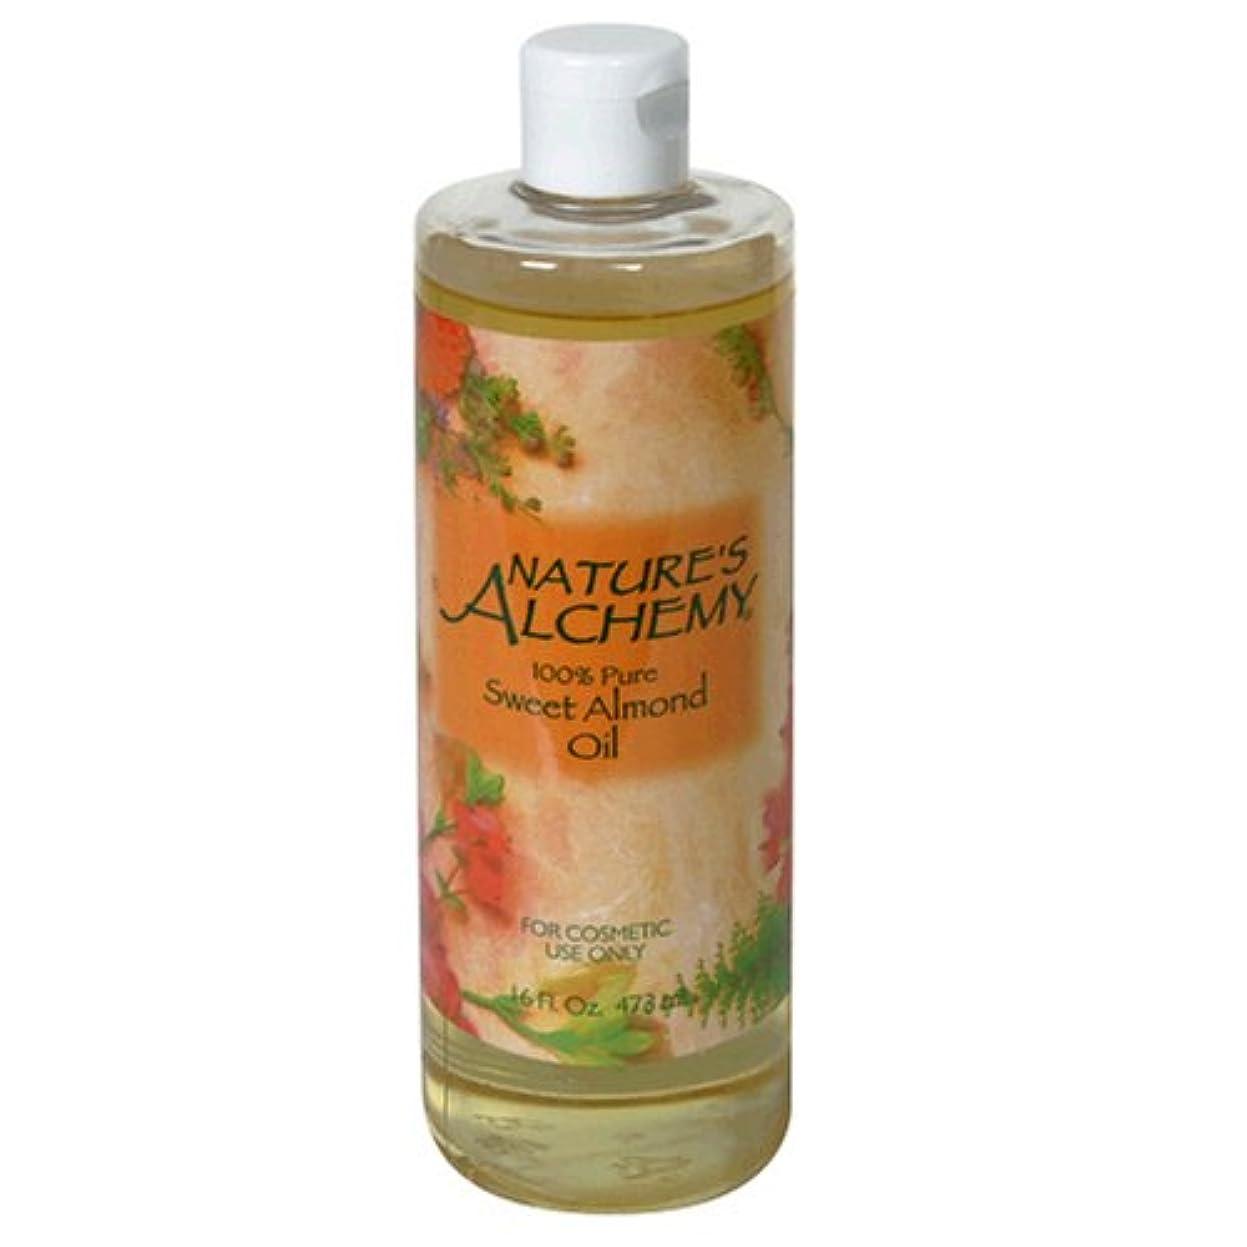 理容室高速道路確かめるNature's Alchemy Carrier Oil Sweet Almond 16oz